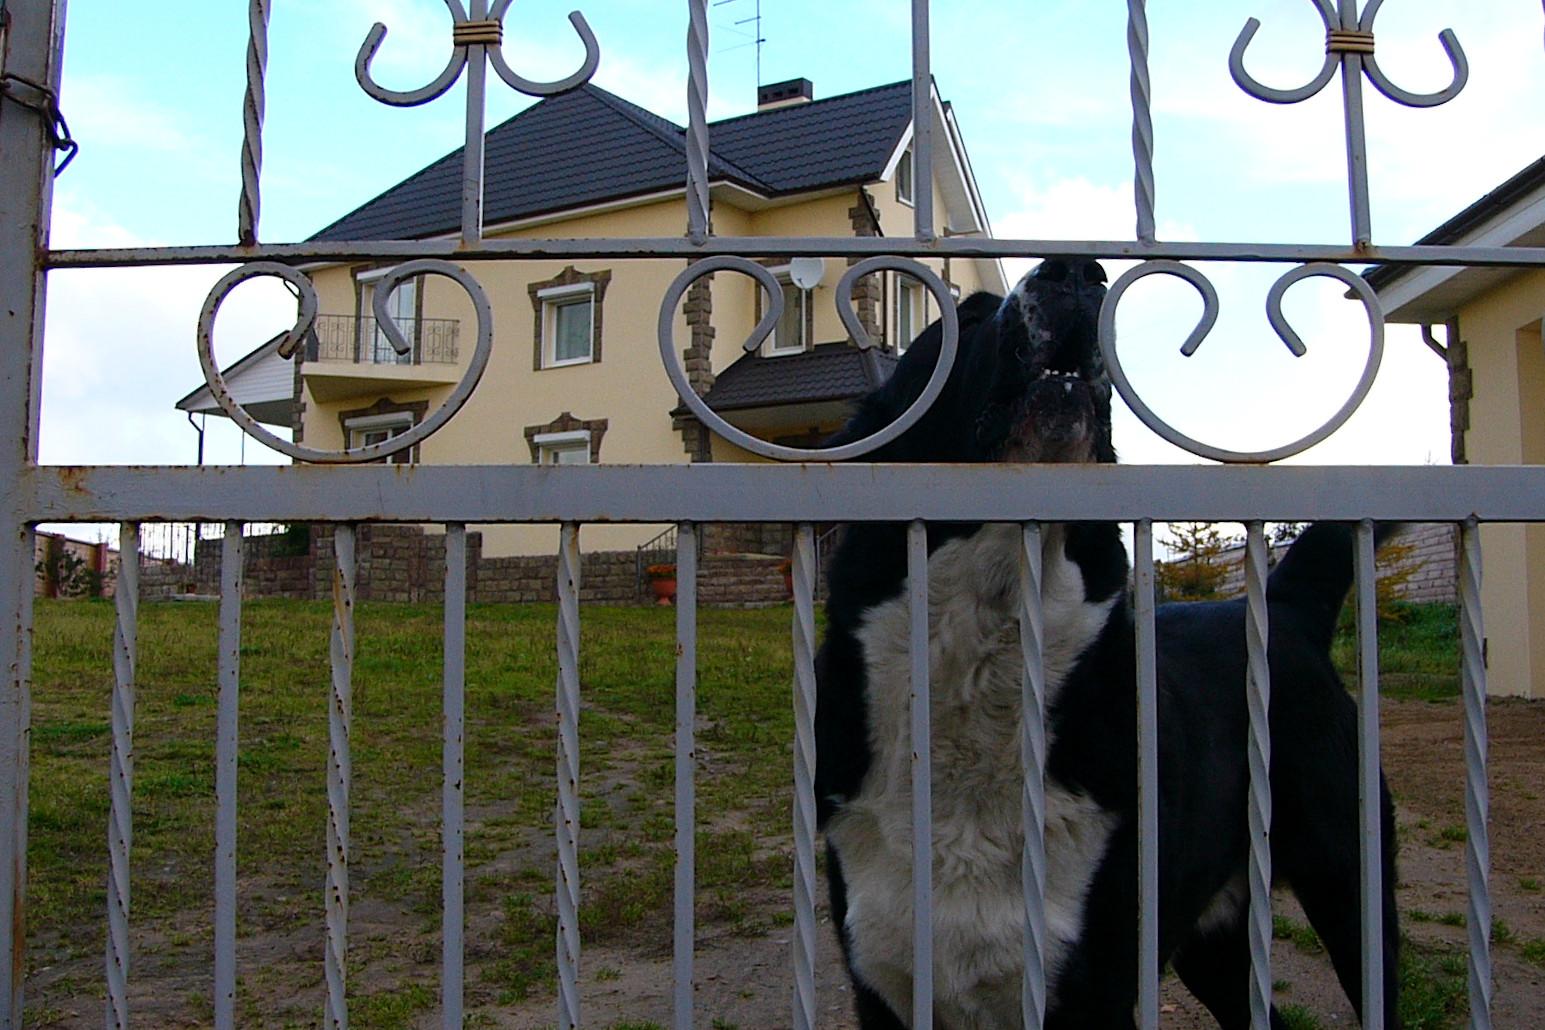 собака, ворота, дача, коттедж